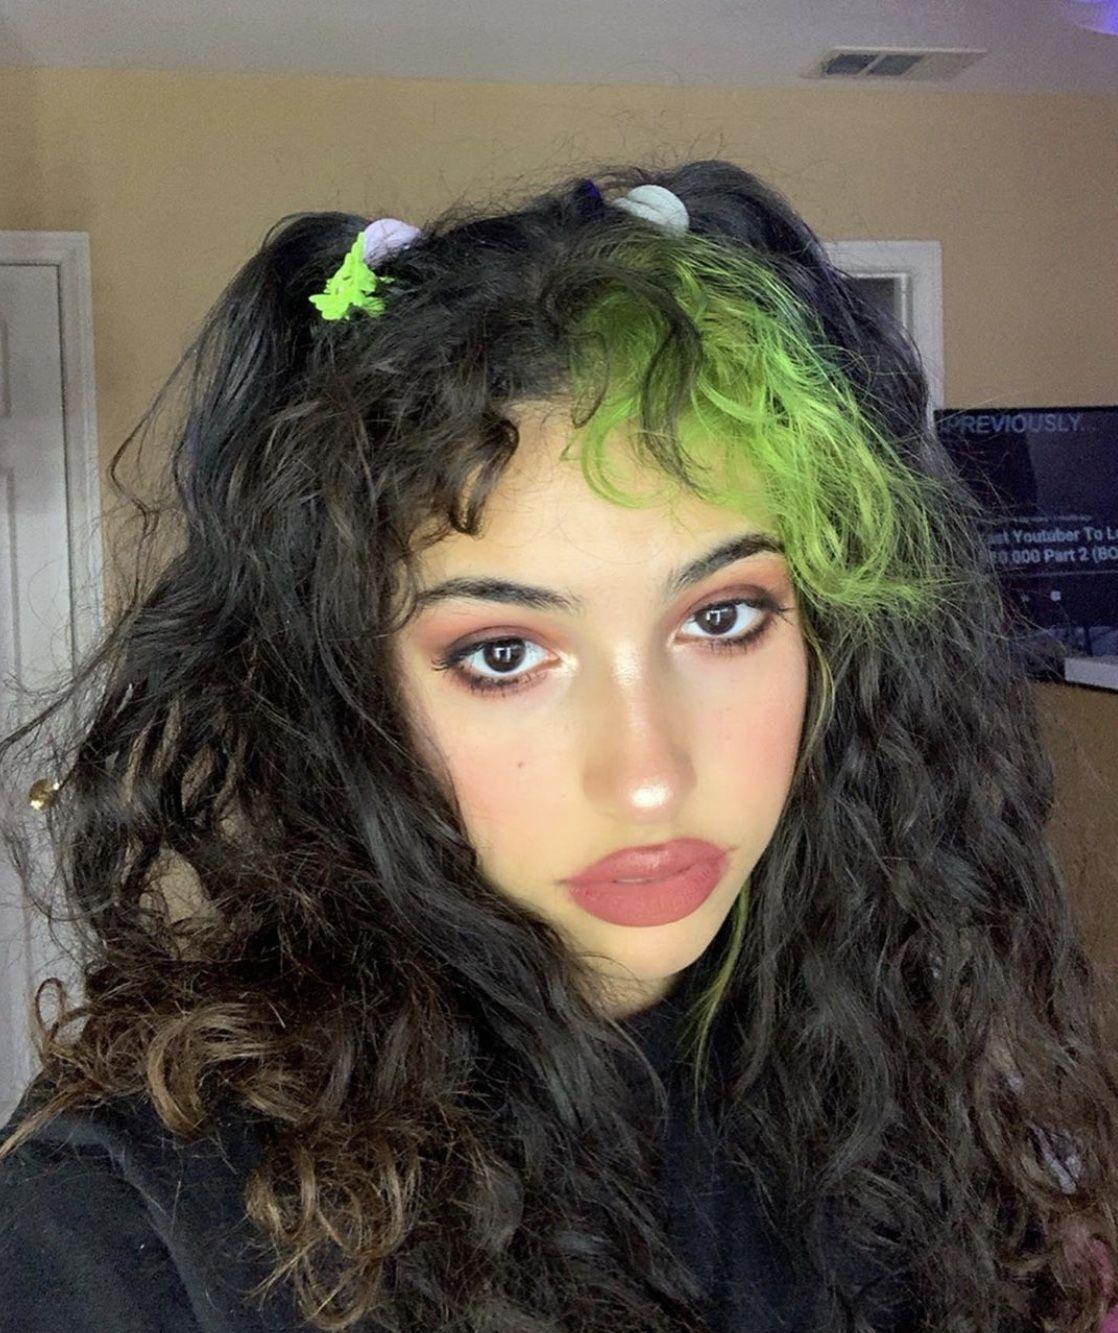 Egirl In 2020 Aesthetic Hair Cool Hairstyles Dyed Hair